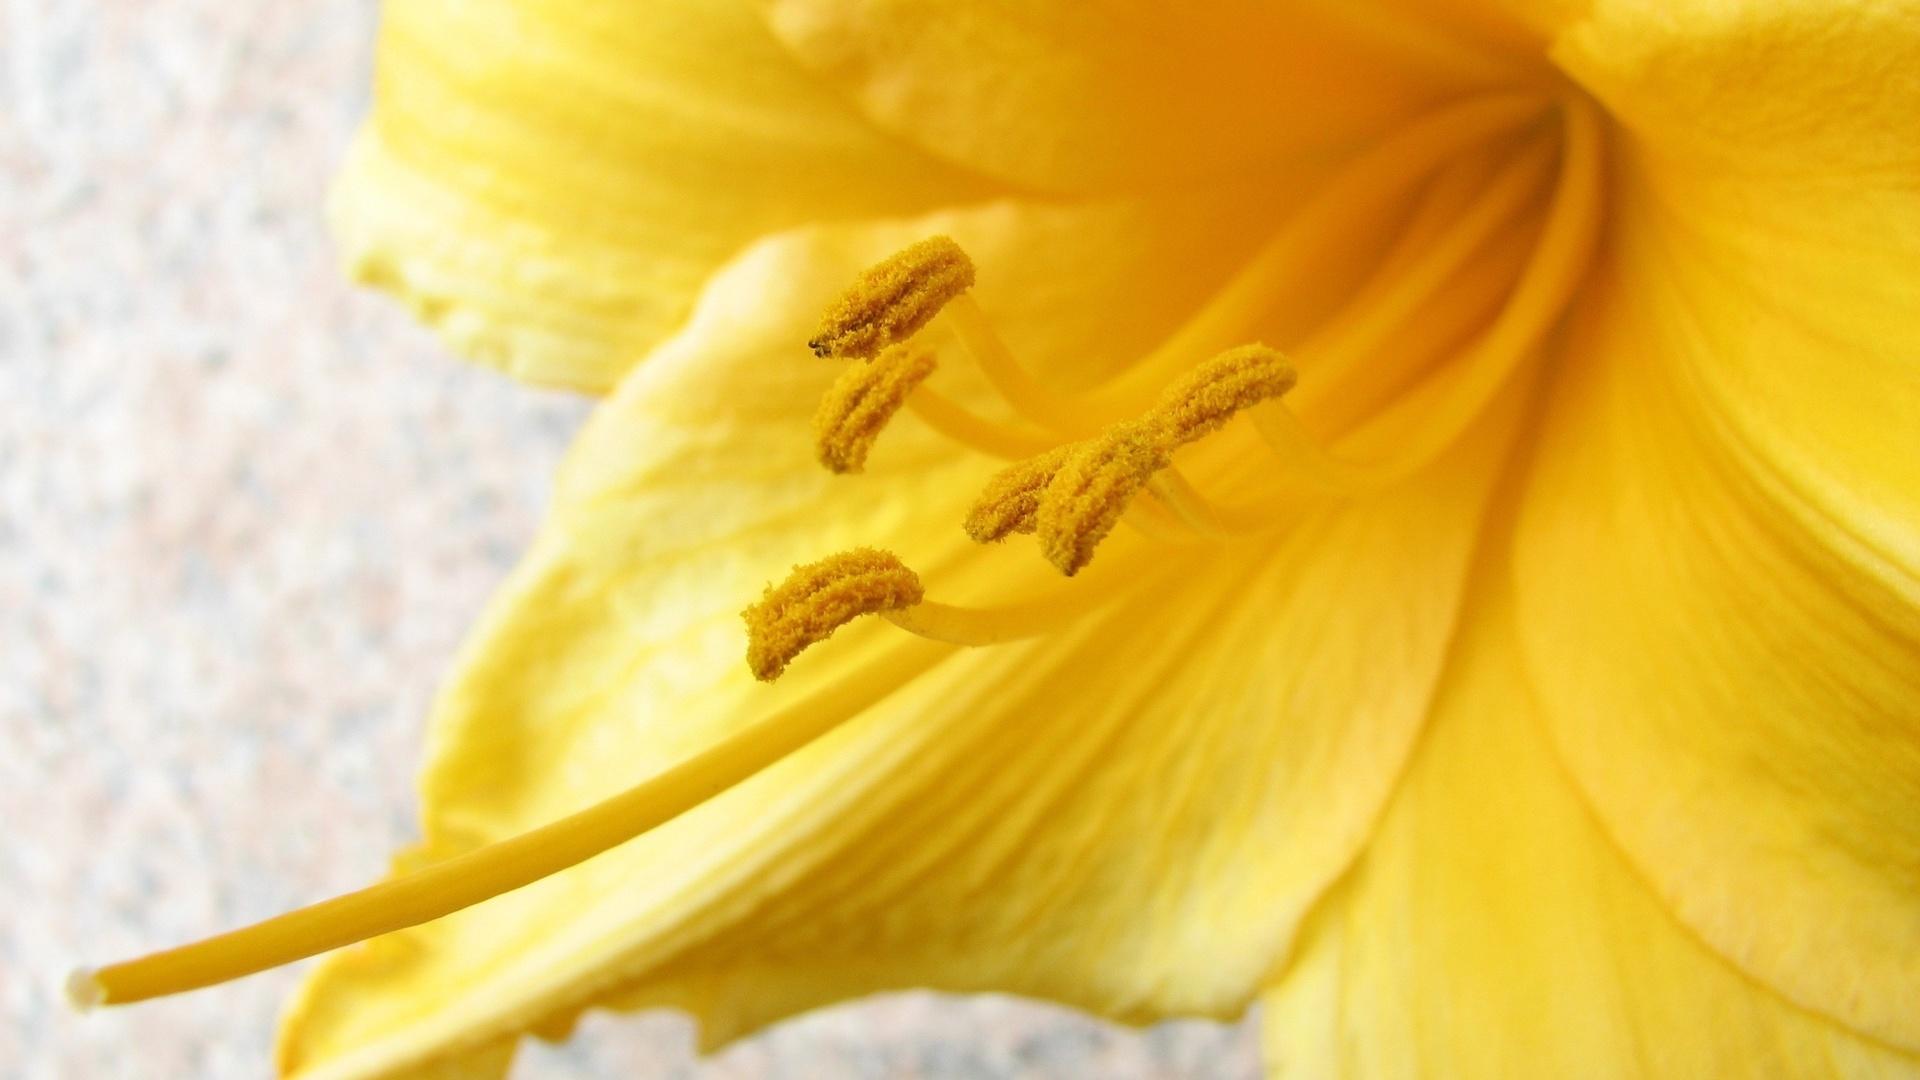 макро, стрелка, цветок, жёлтый, пыльца, усики